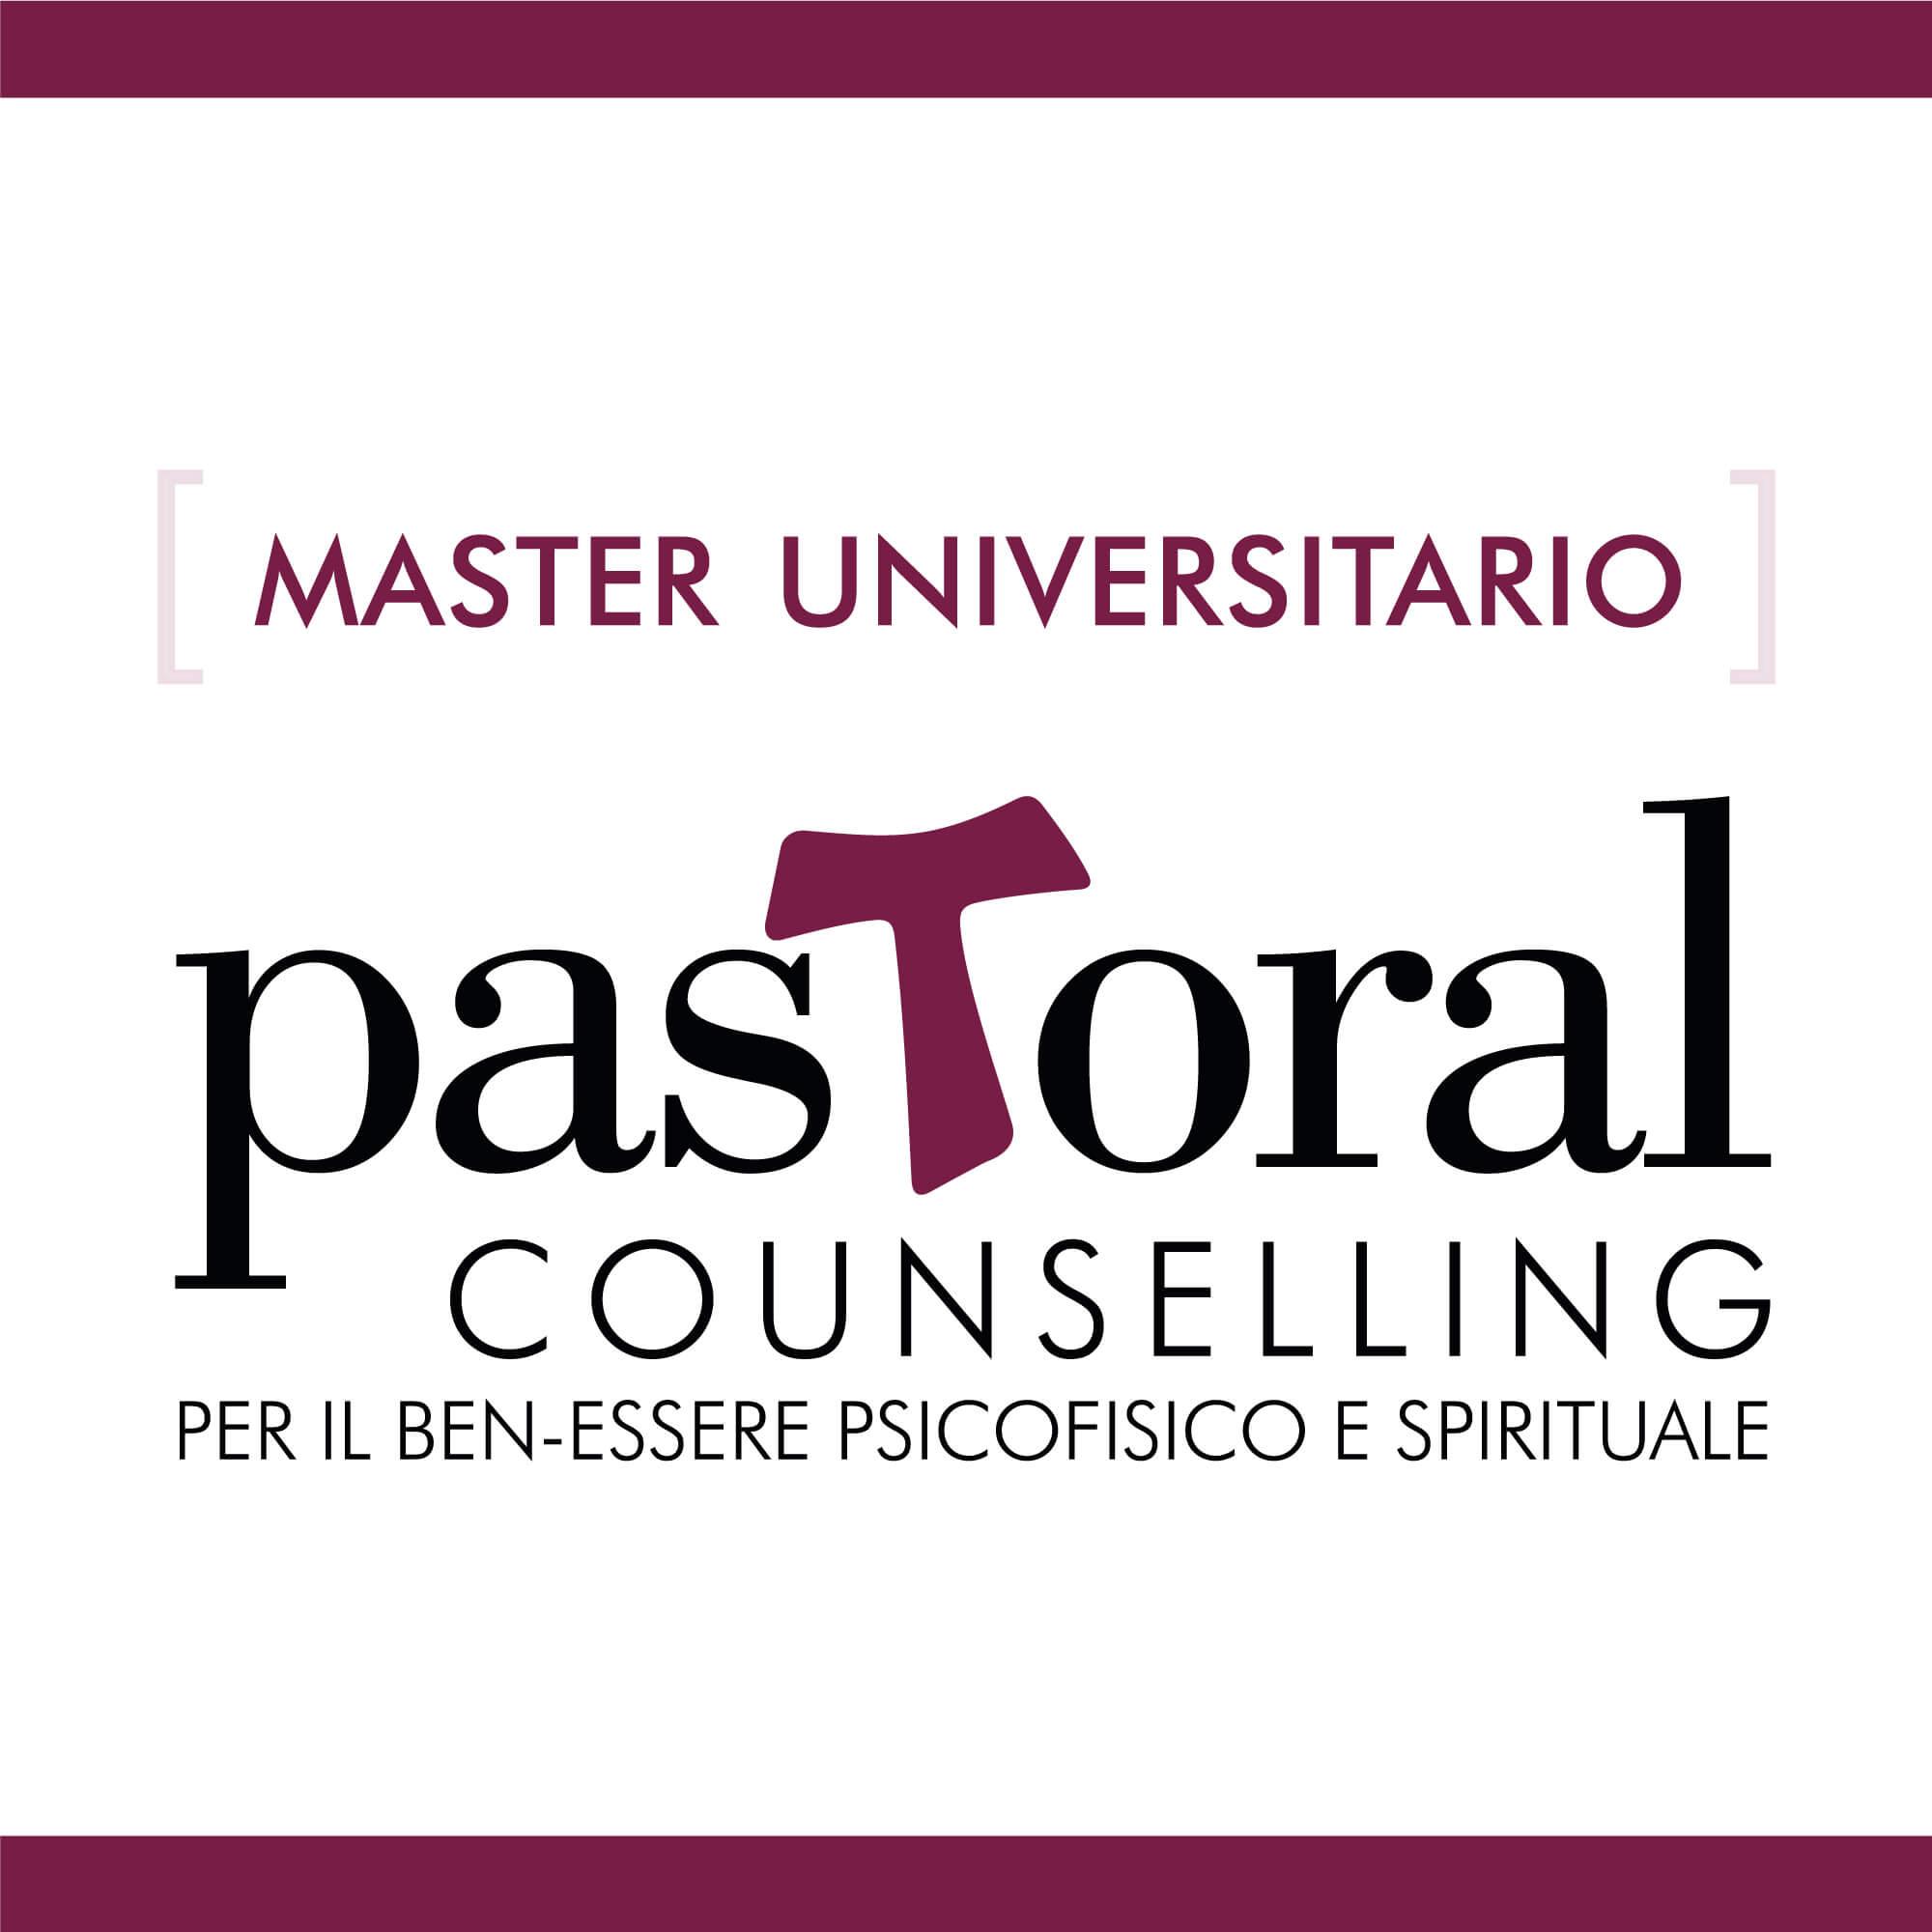 Pastoral Counselling per il ben-essere psicofisico e spirituale – Master universitario di primo livello